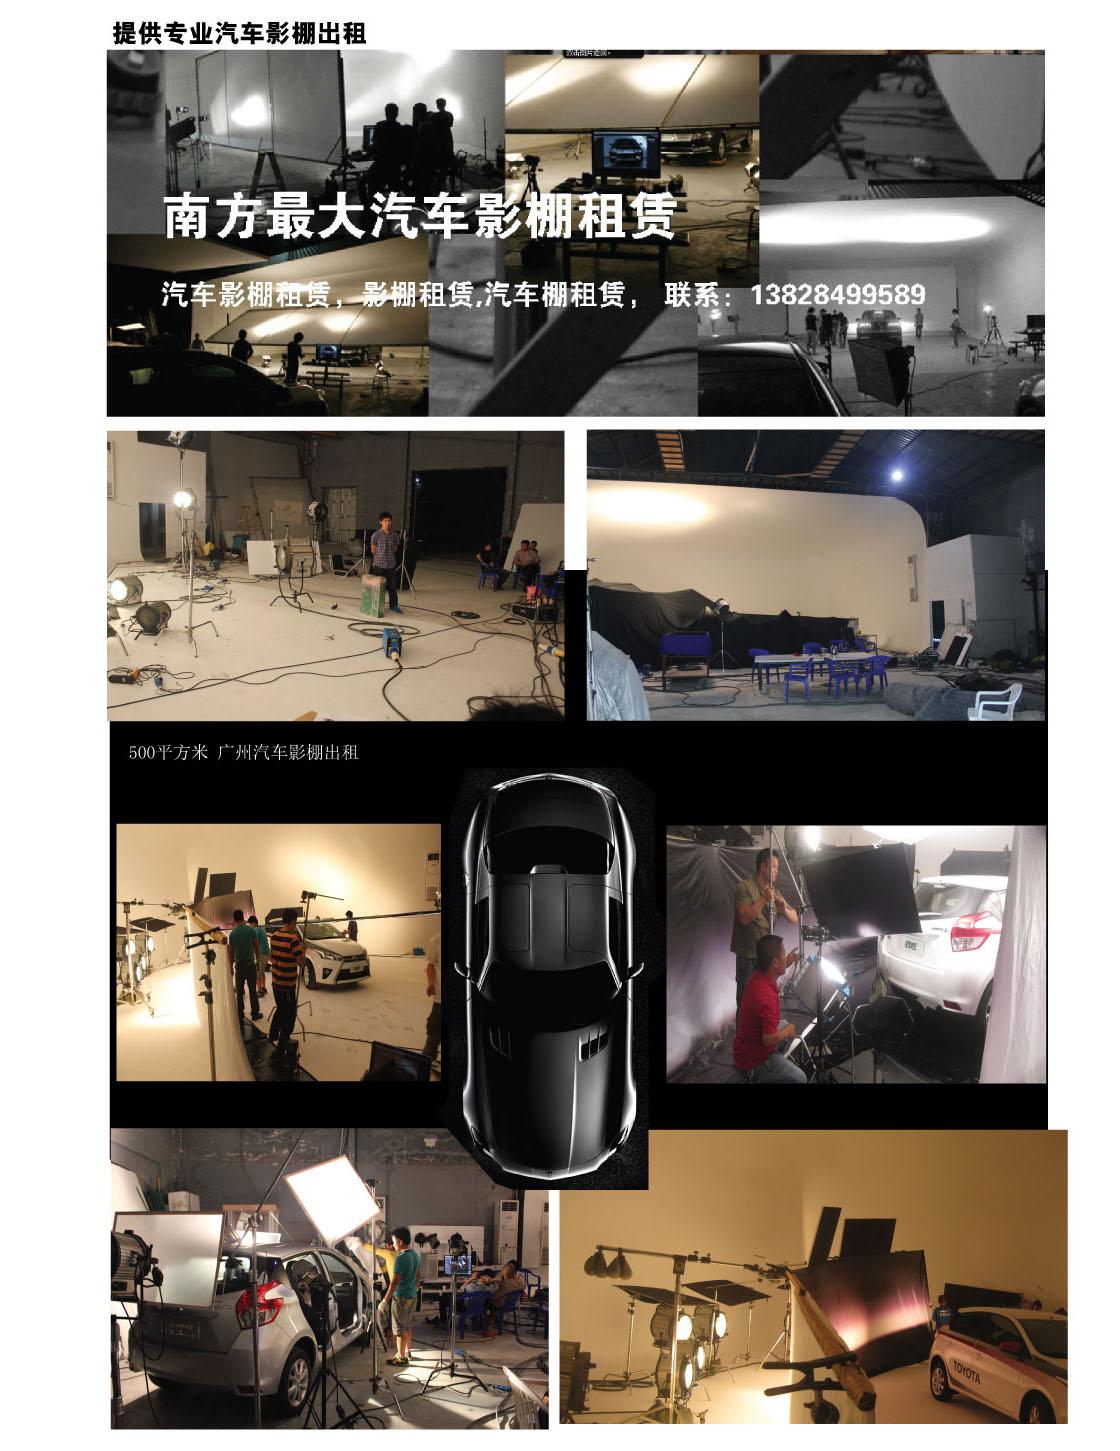 广州海珠区影棚出租